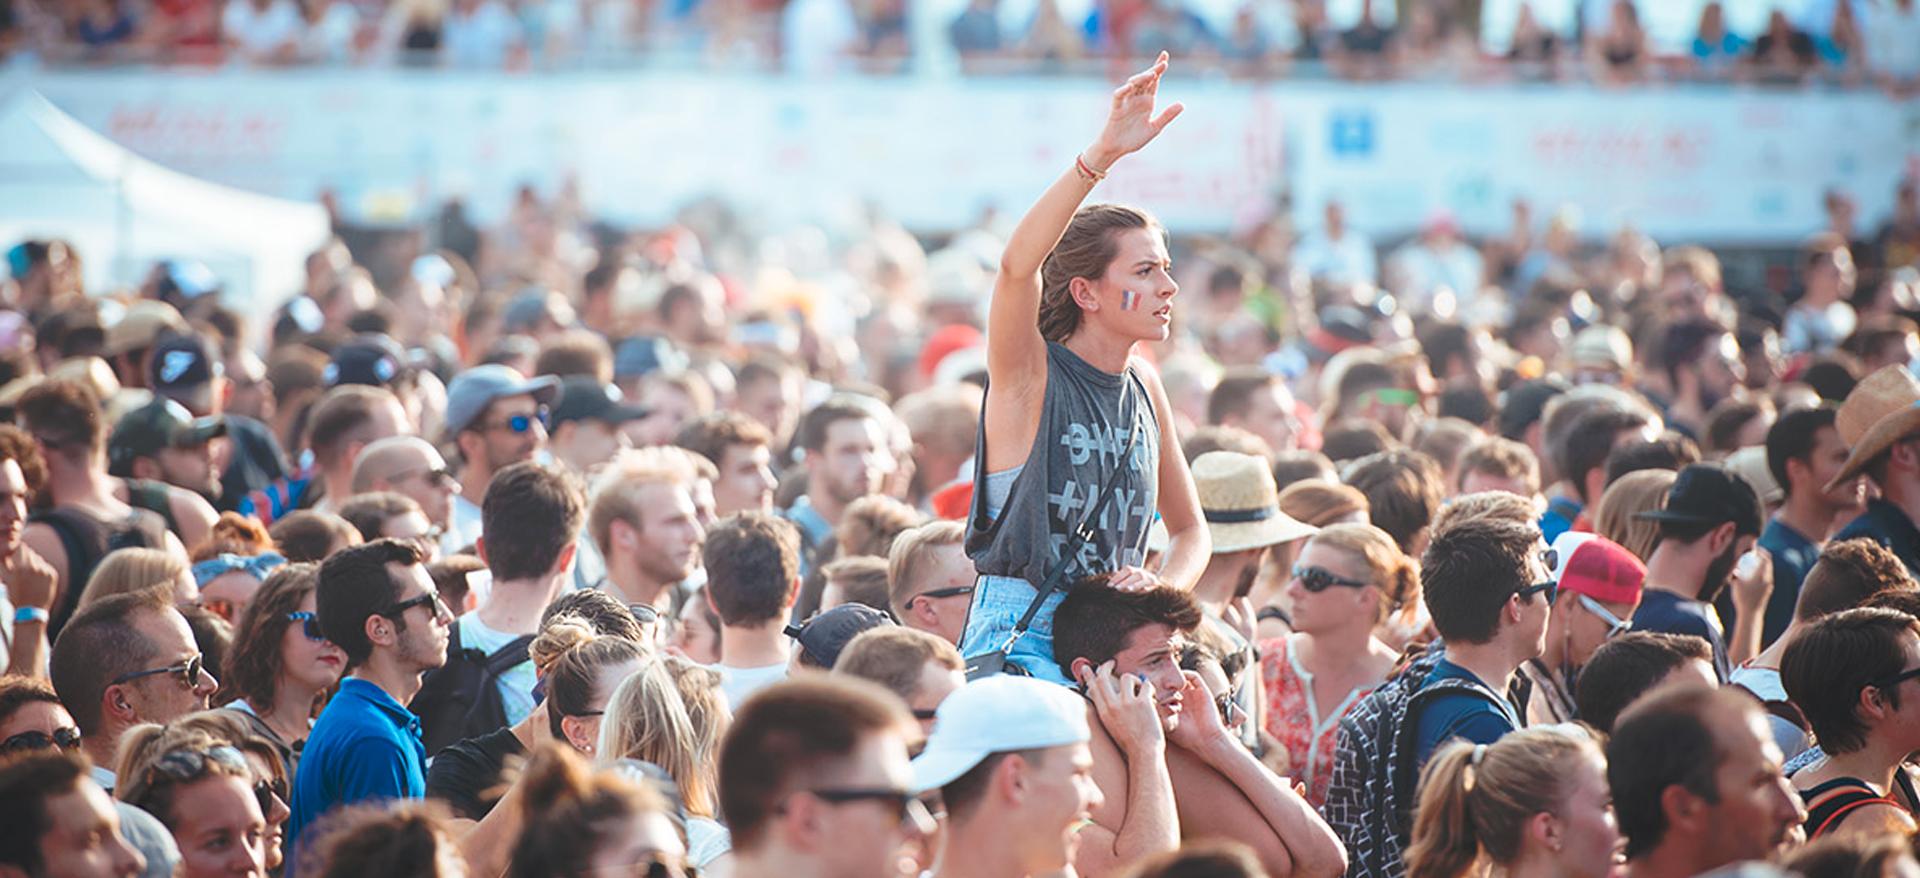 Photographie d'une foule dans la fosse d'un concert avec une jeune femme au milieu sur les épaules d'un jeune homme